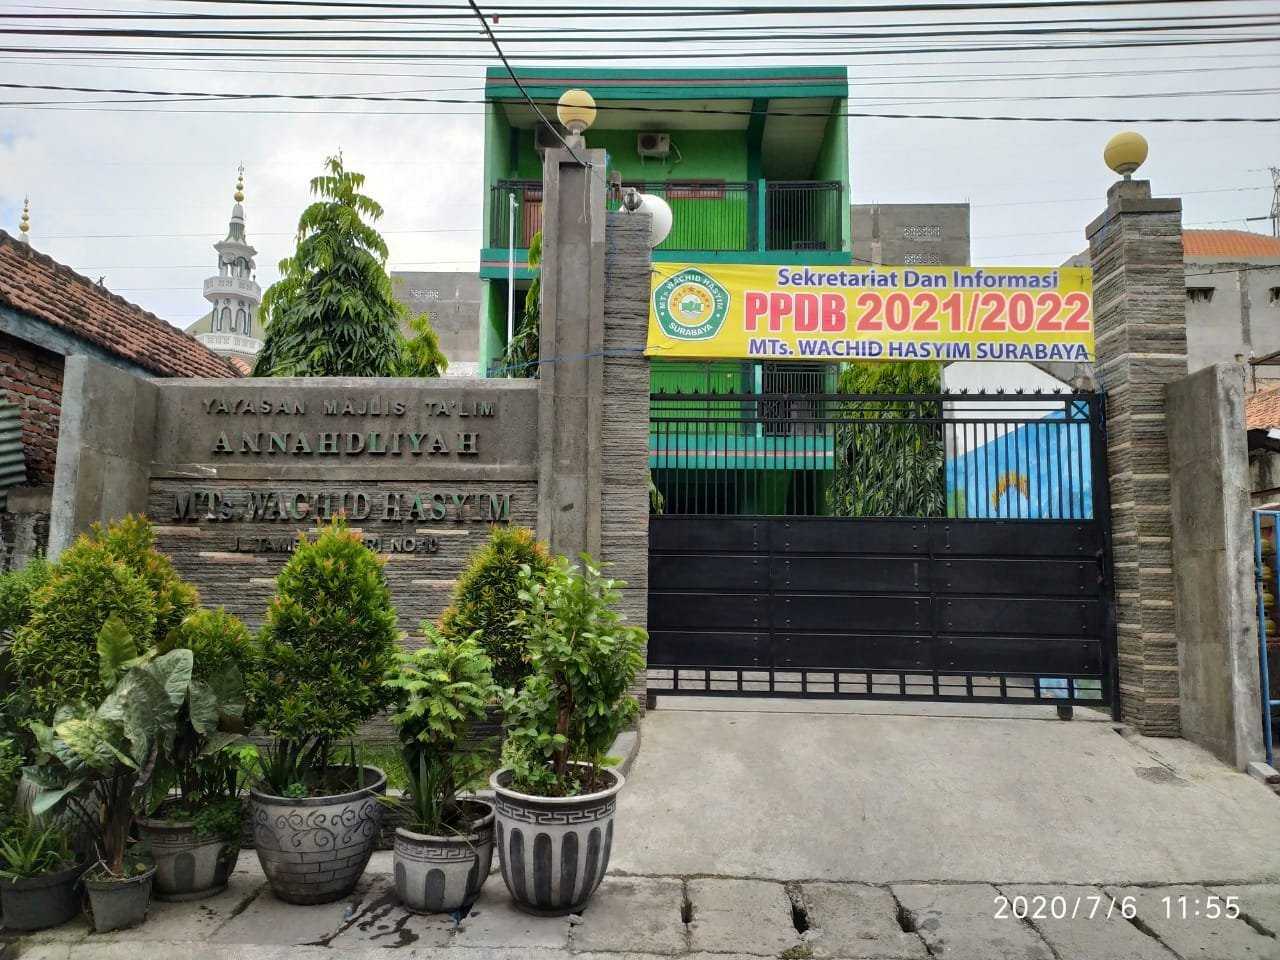 MTs Wachid Hasyim Surabaya